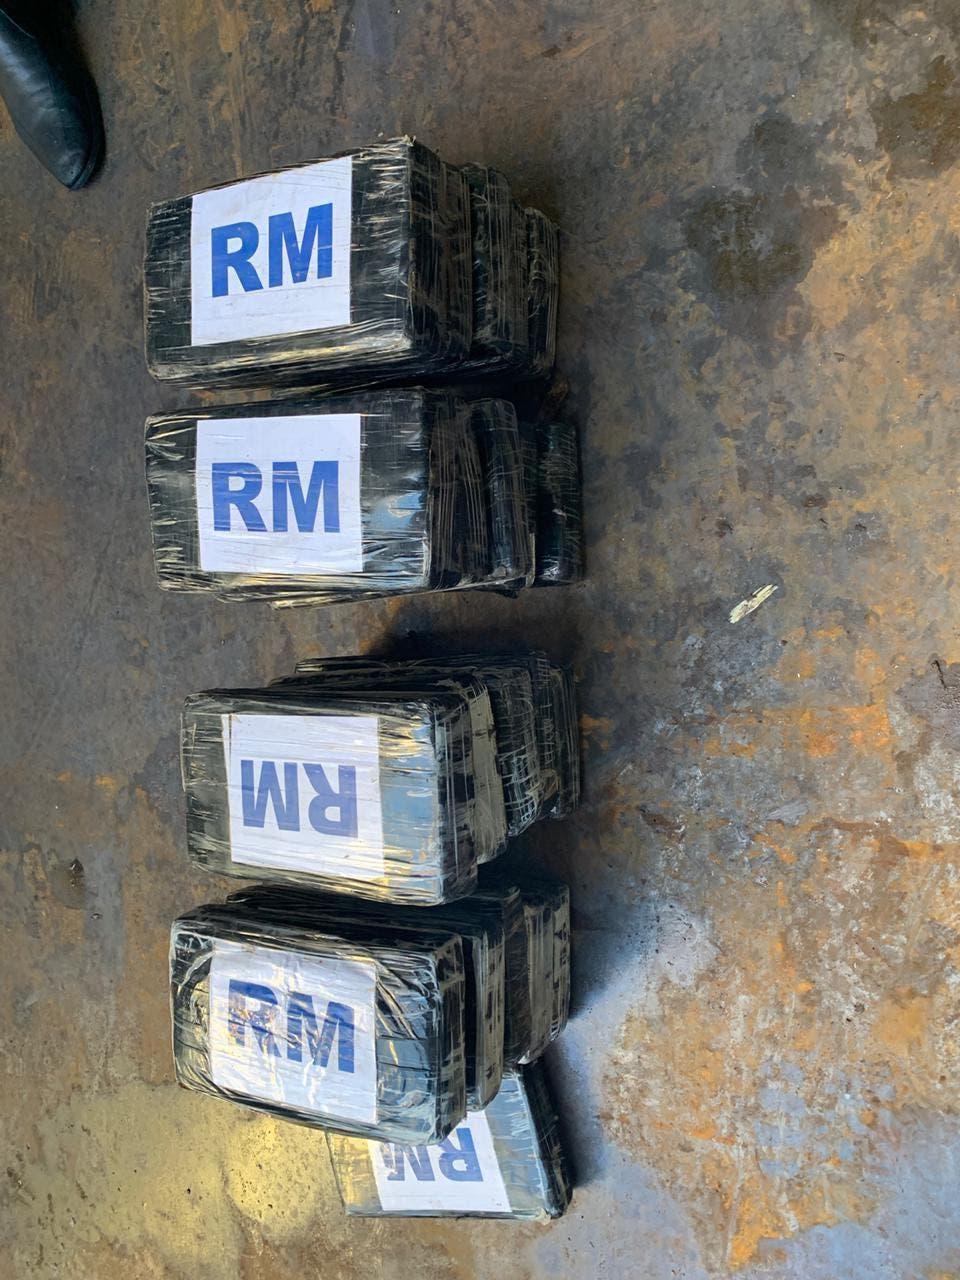 Barco llegó al muelle del río Haina Oriental con 21 paquetes de cocaína envuelto en saco